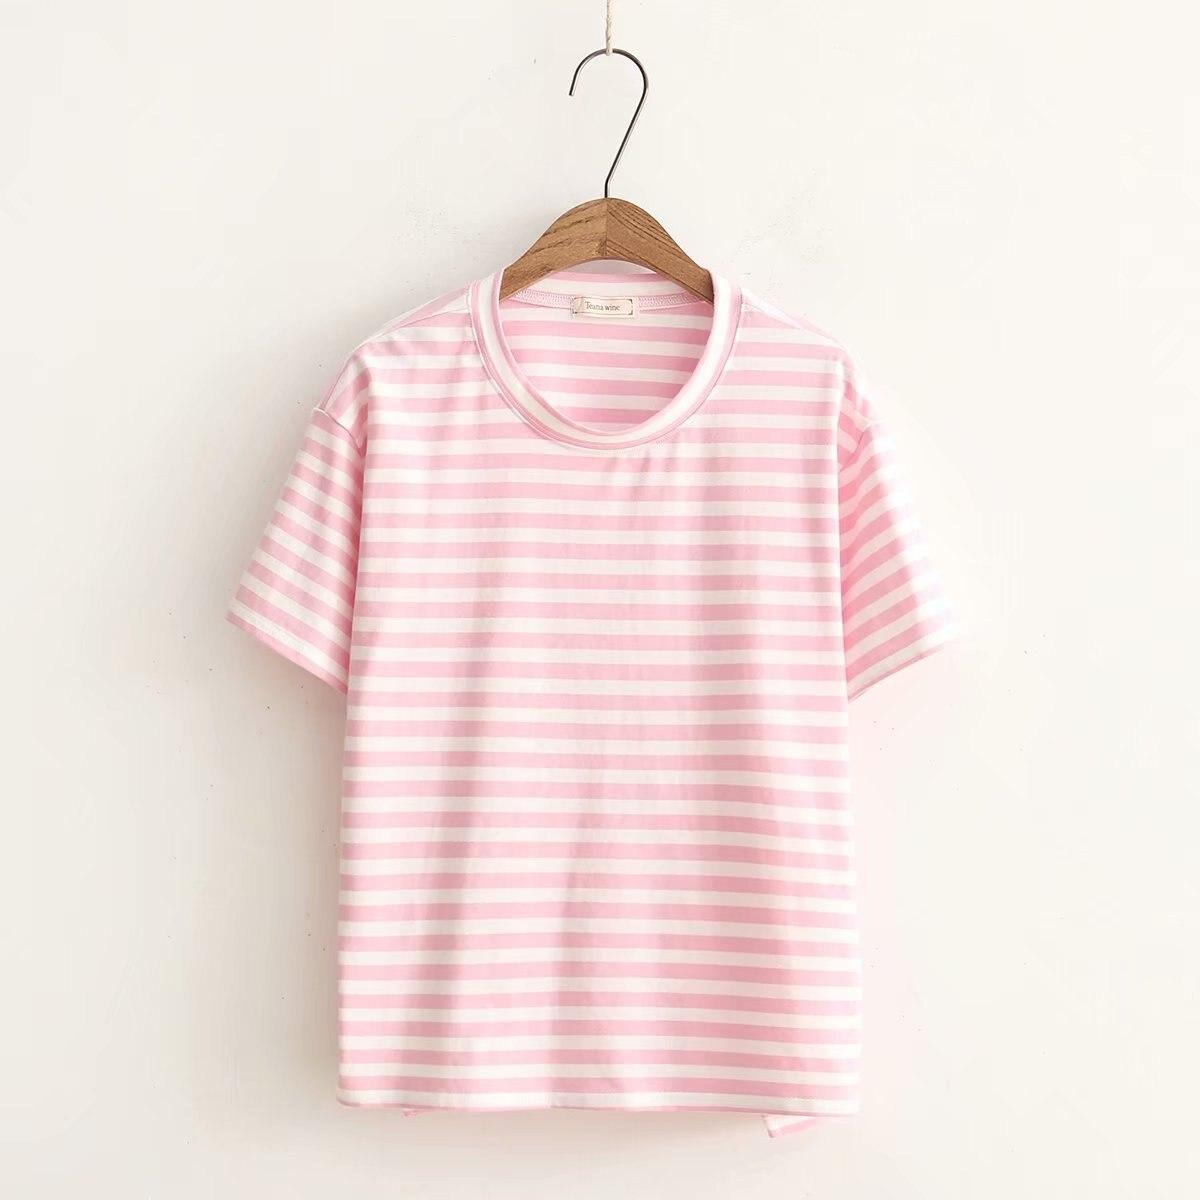 T-shirt en coton pour l'été 2018 ...